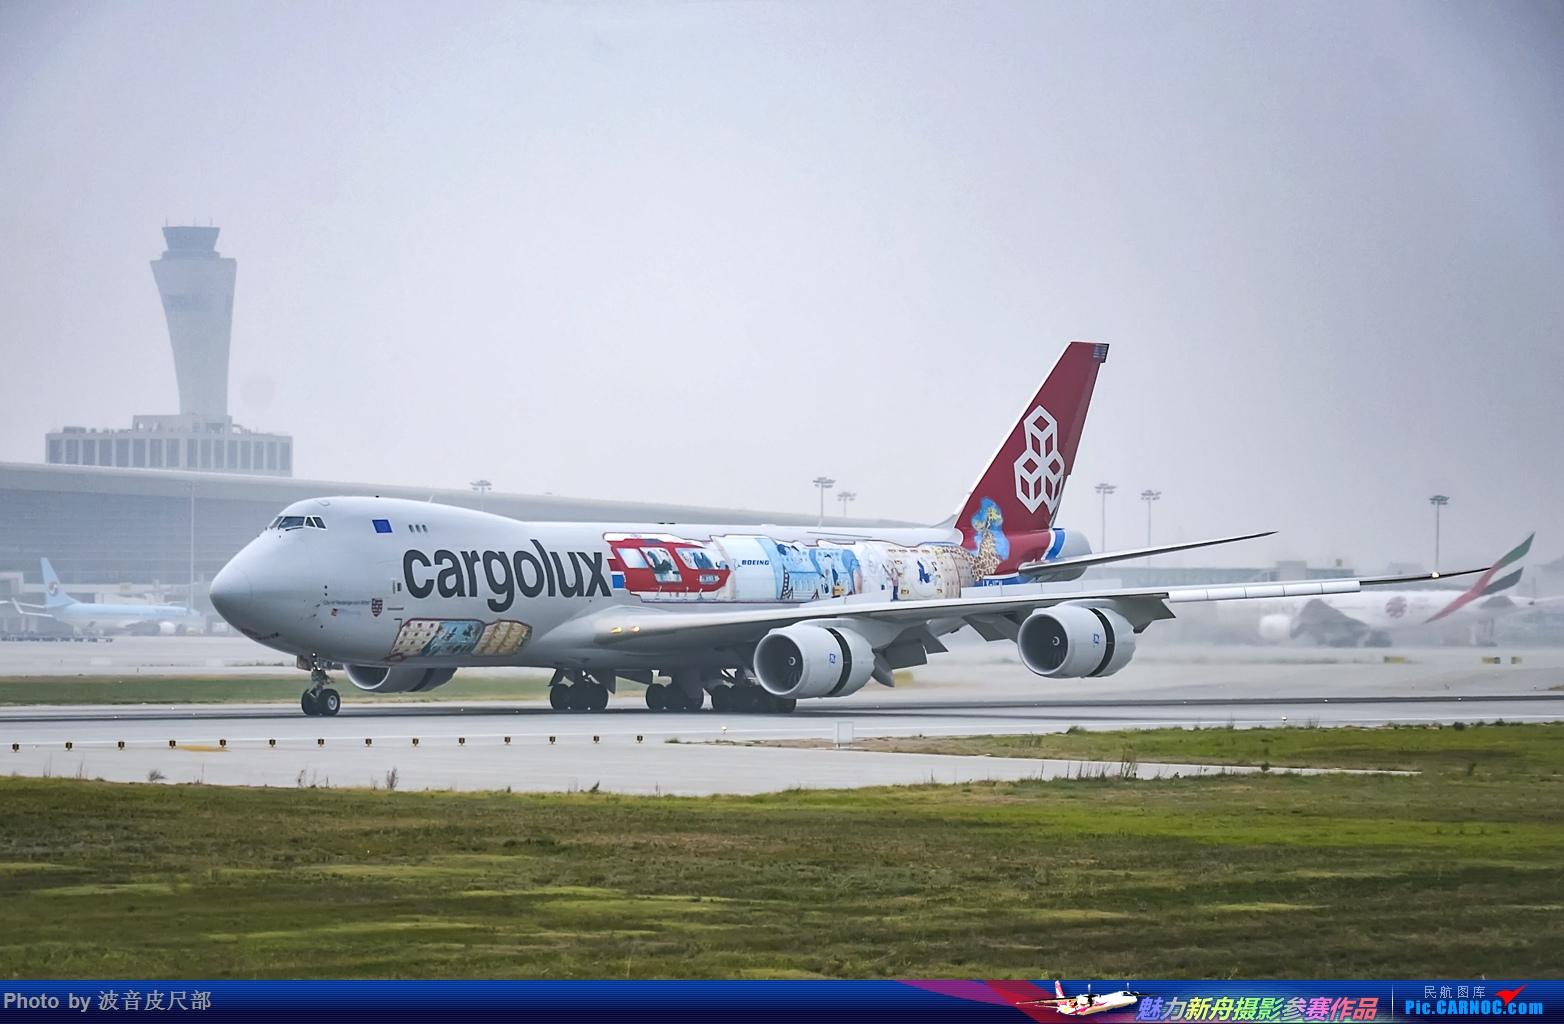 [原创]郑州机场近期彩绘合集 BOEING 747-8F LX-VCM 中国郑州新郑国际机场